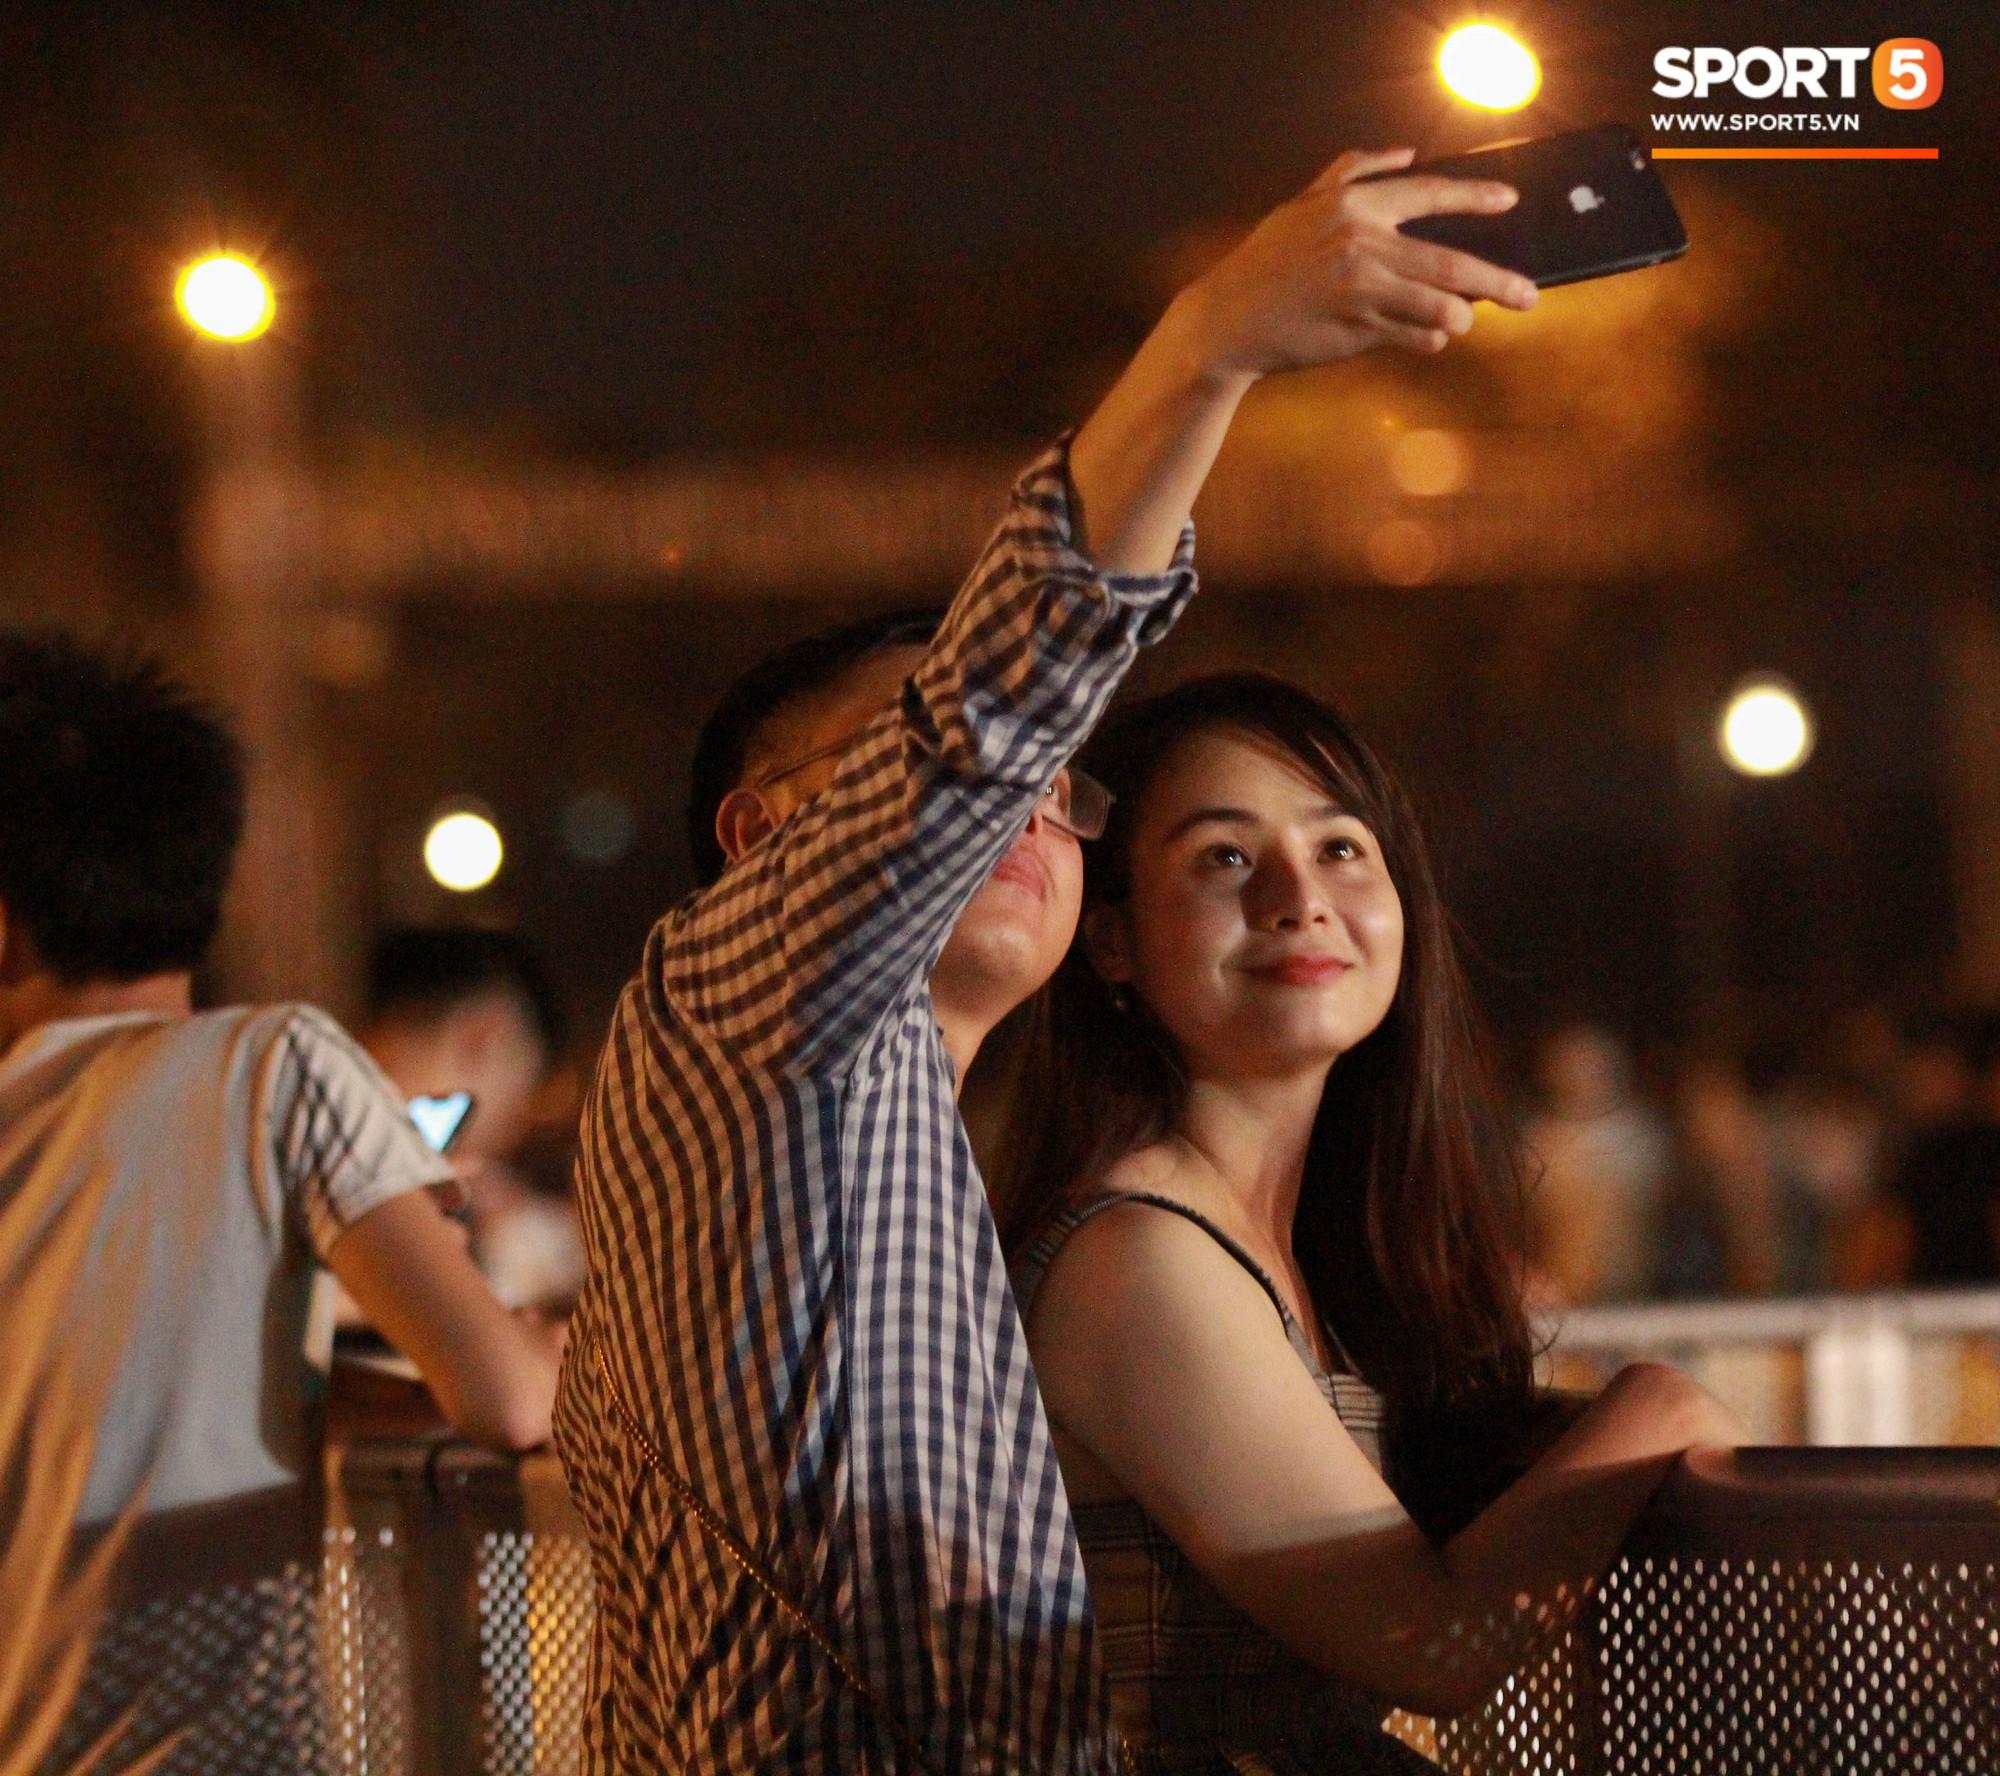 Muôn vàn cảm xúc của người dân Việt khi chứng kiến tận mắt những chiếc xe F1 ngay tại Hà Nội - Ảnh 10.